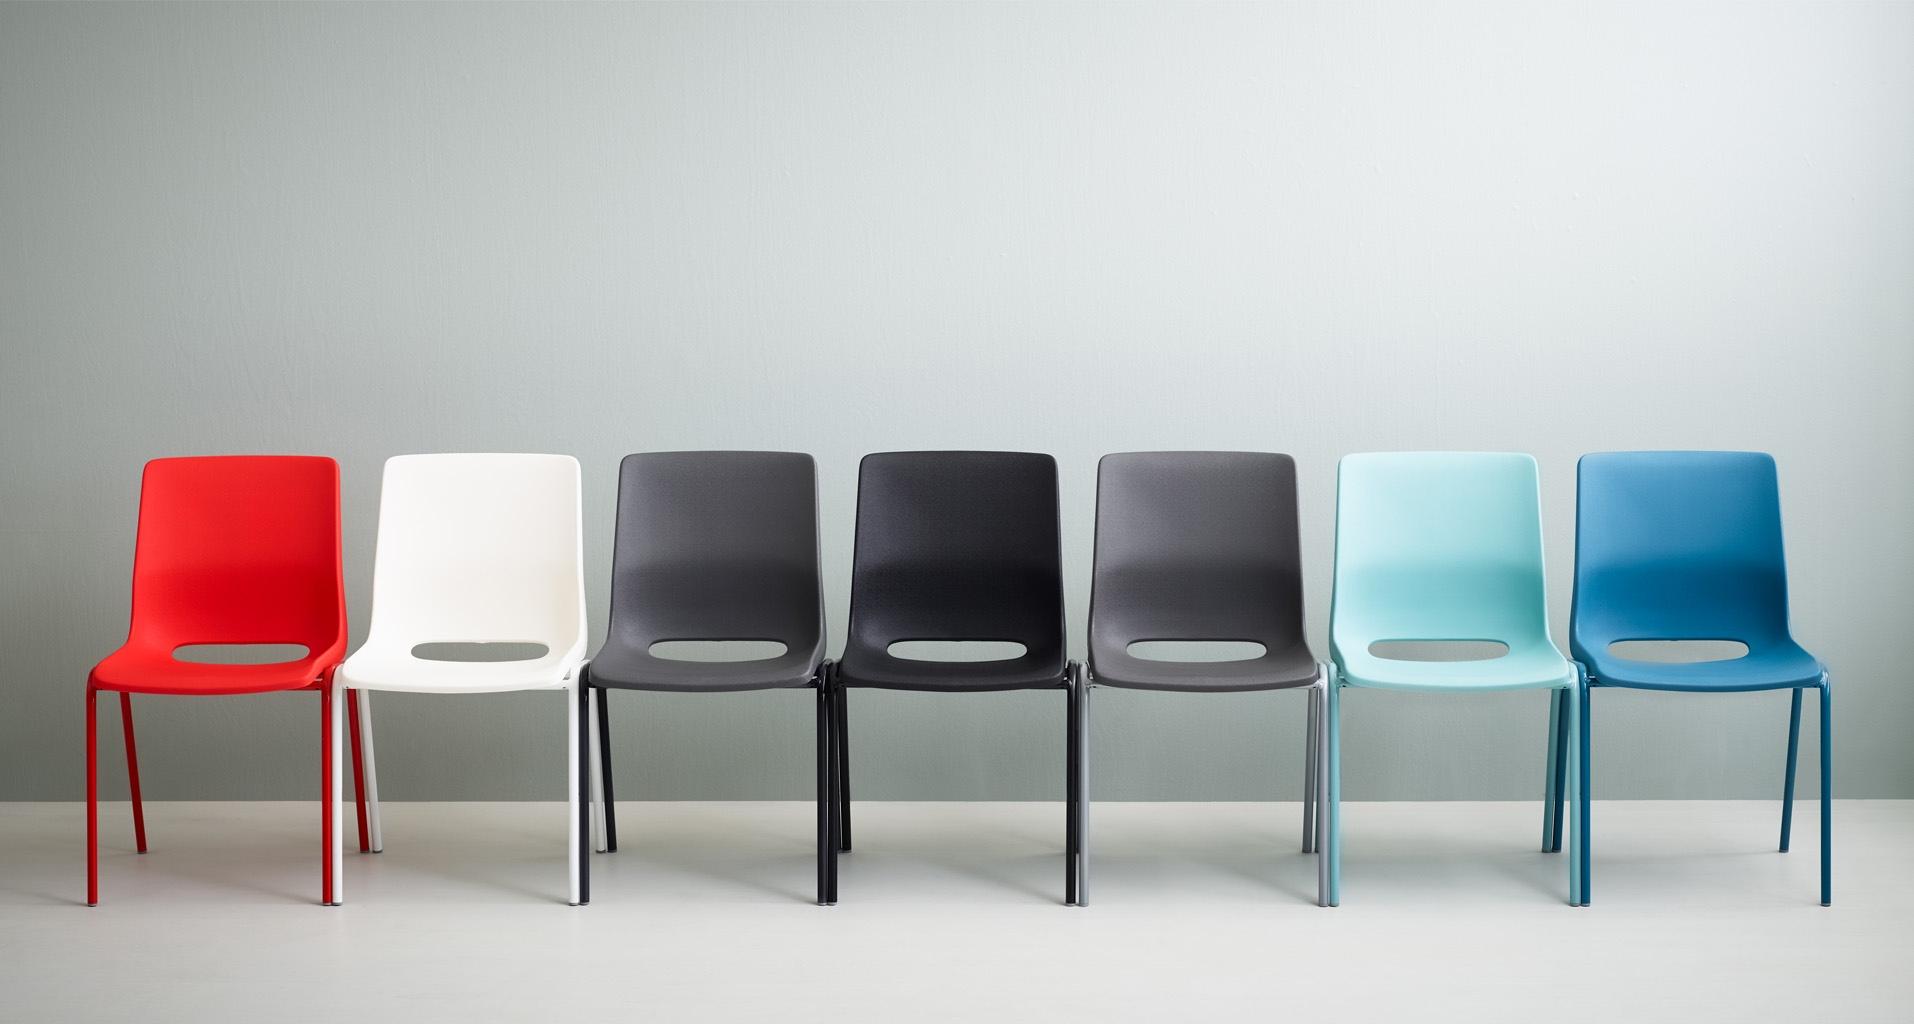 Krzesło RBM ANA - Producent: Flokk, Dystrybutor: Vipservice. Ergonomiczne krzesło do sal konferencyjnych, sal spotkań, restauracji i kawiarnii